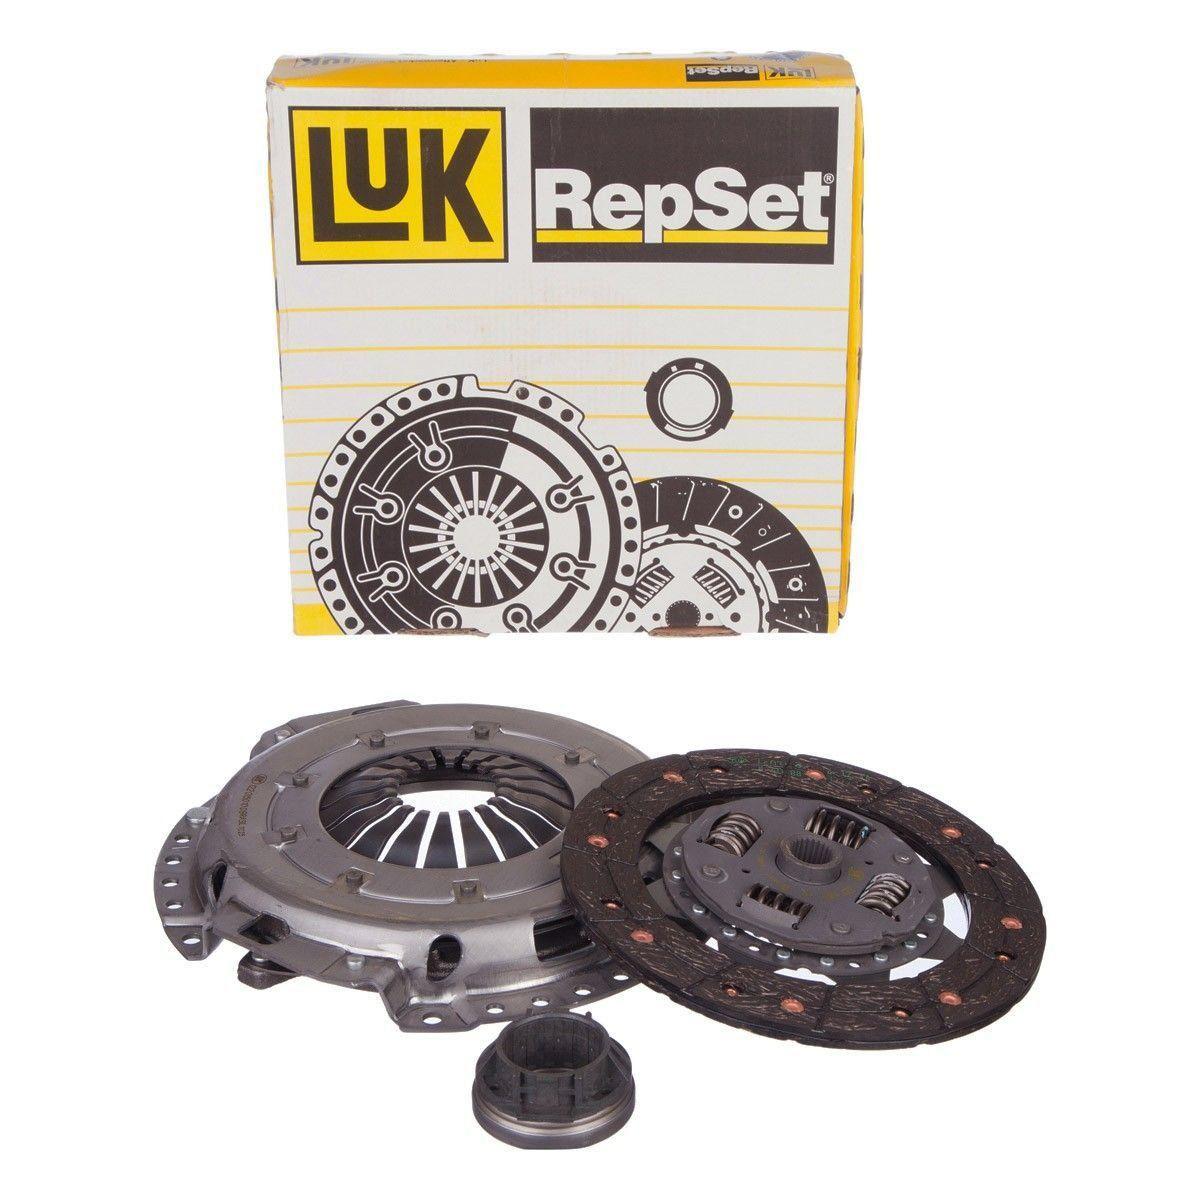 Kit Embreagem Monza 1.8 /92 Kadett Ipanema /92 Kit Completo - Luk